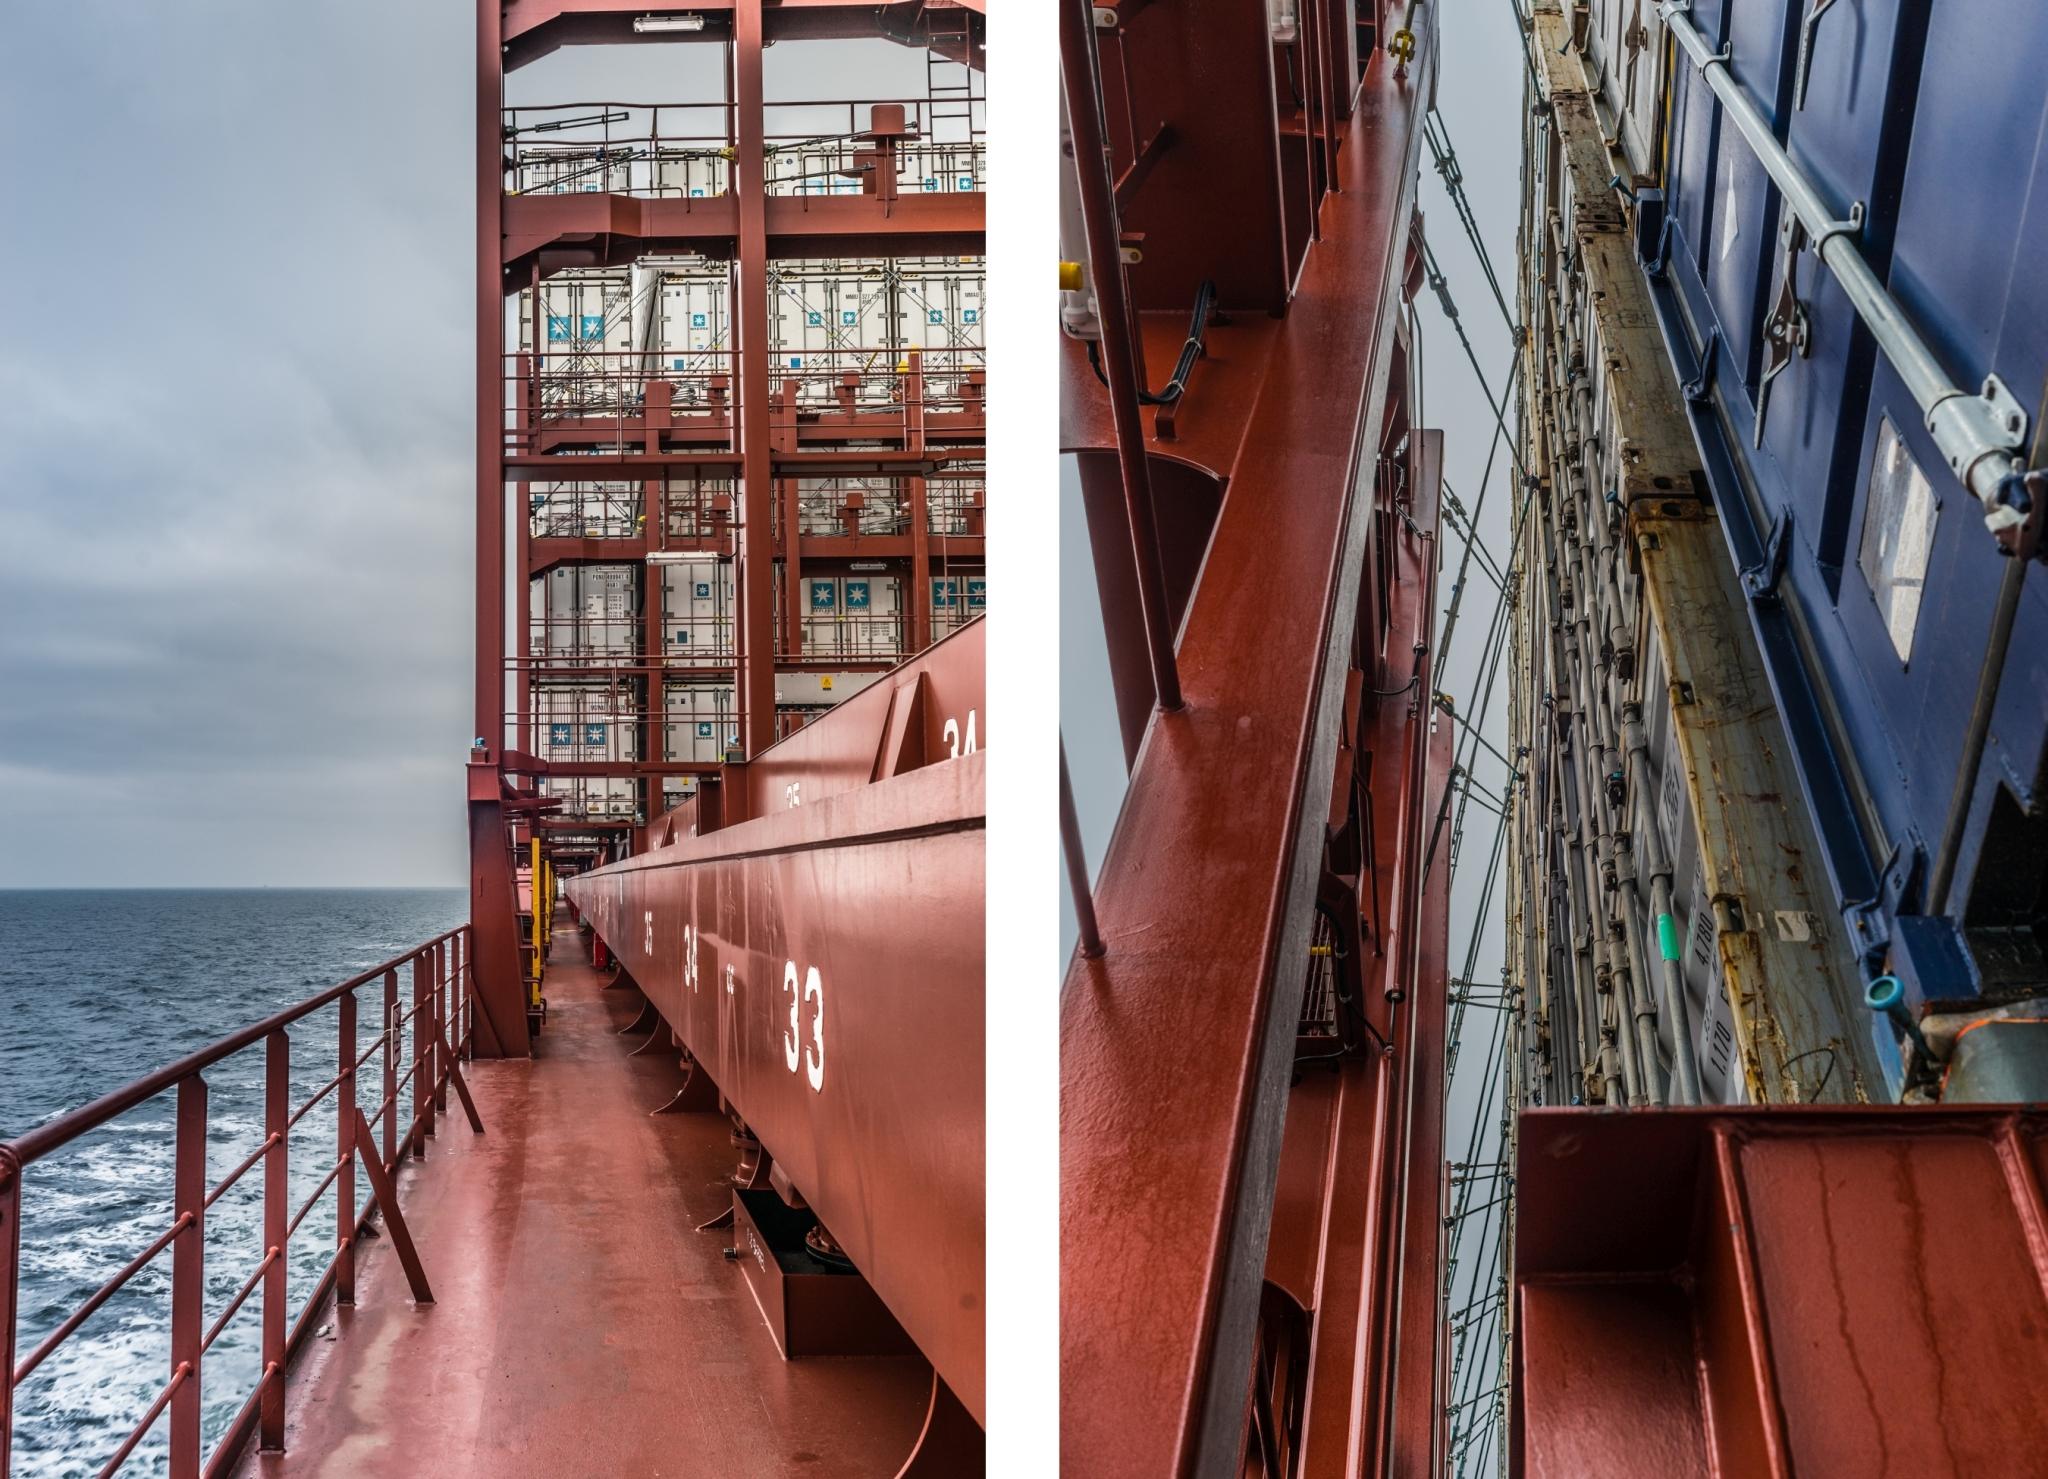 Widok z pokładu na tzw. lashing bridge, czyli rusztowanie do mocowania kontenerów i widok na same kontenery (fot. Robert Urbaniak)